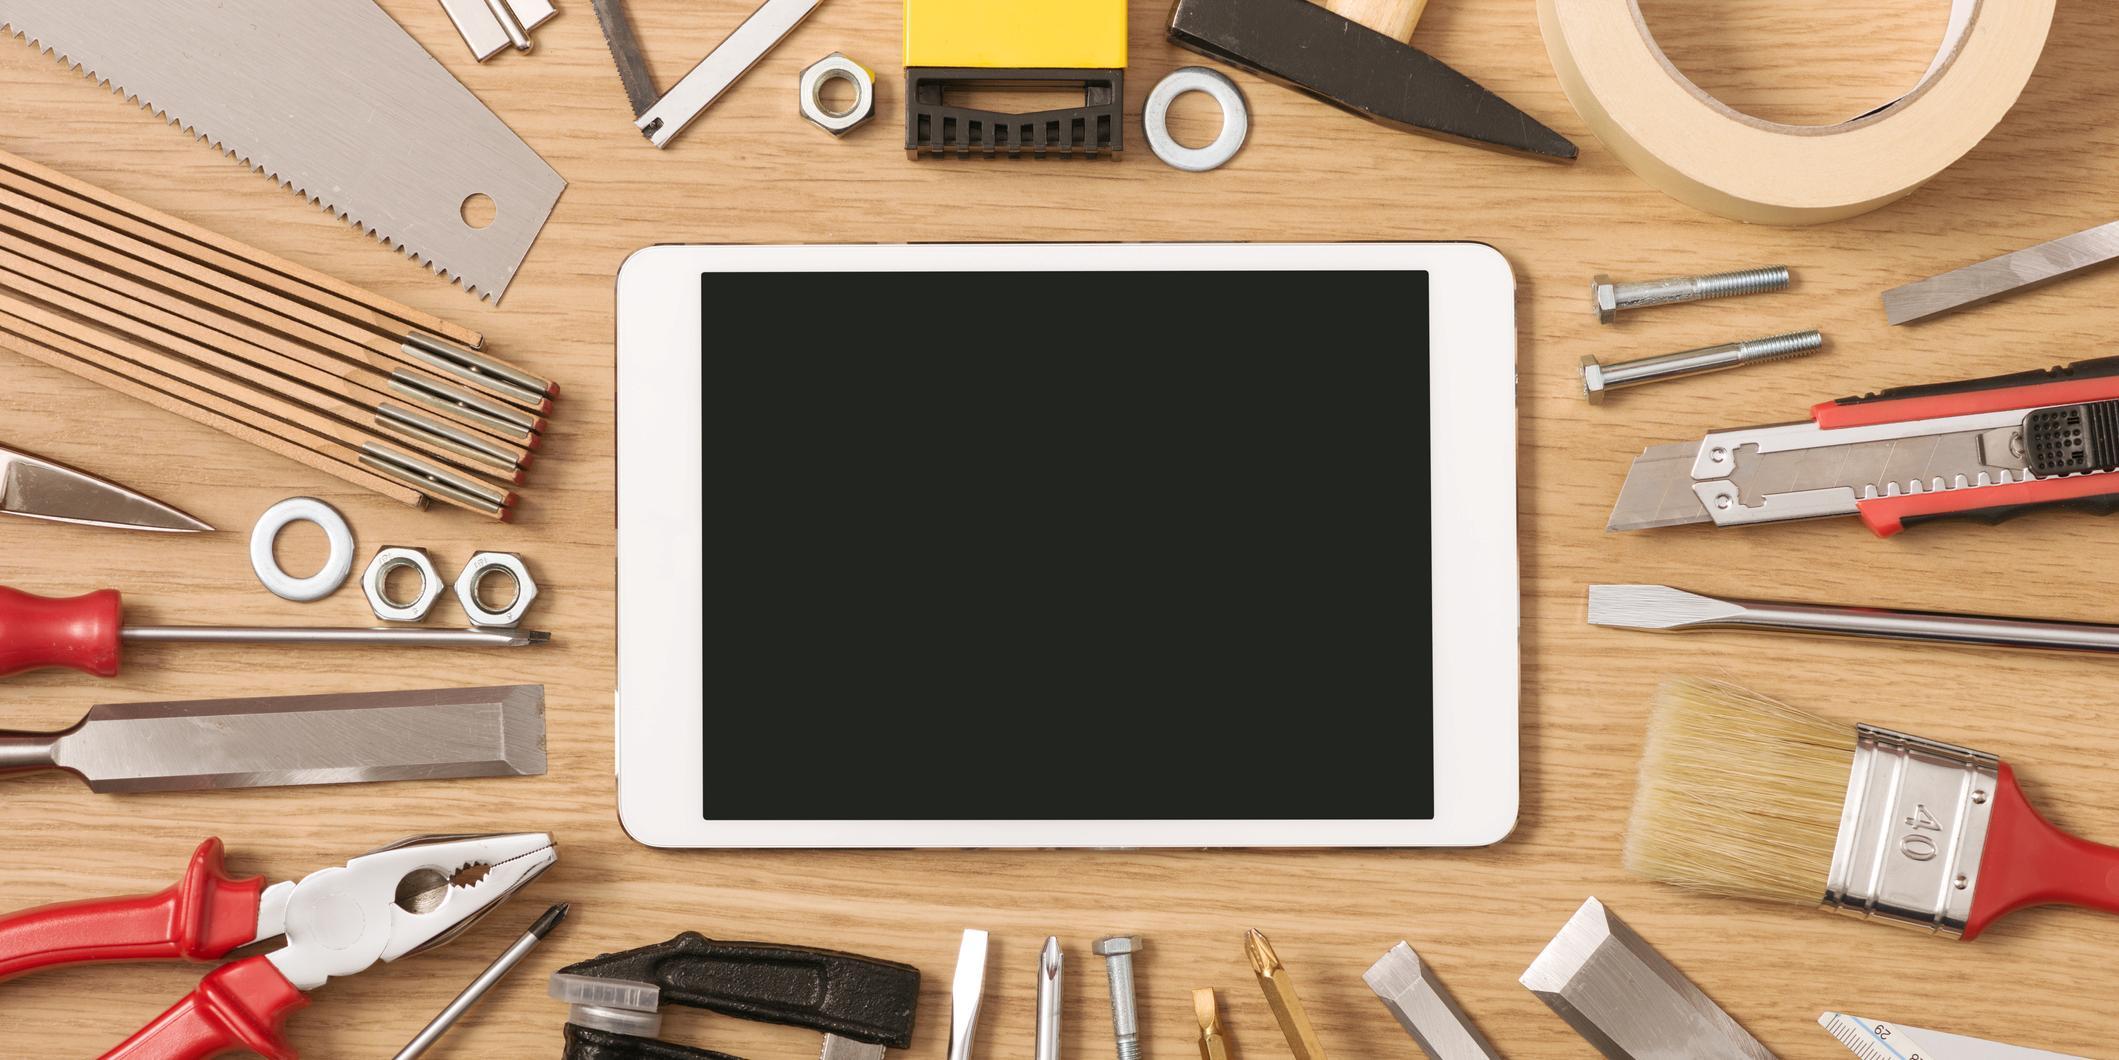 6 Top Tools zur Unterstützung von Marketing und Vertrieb